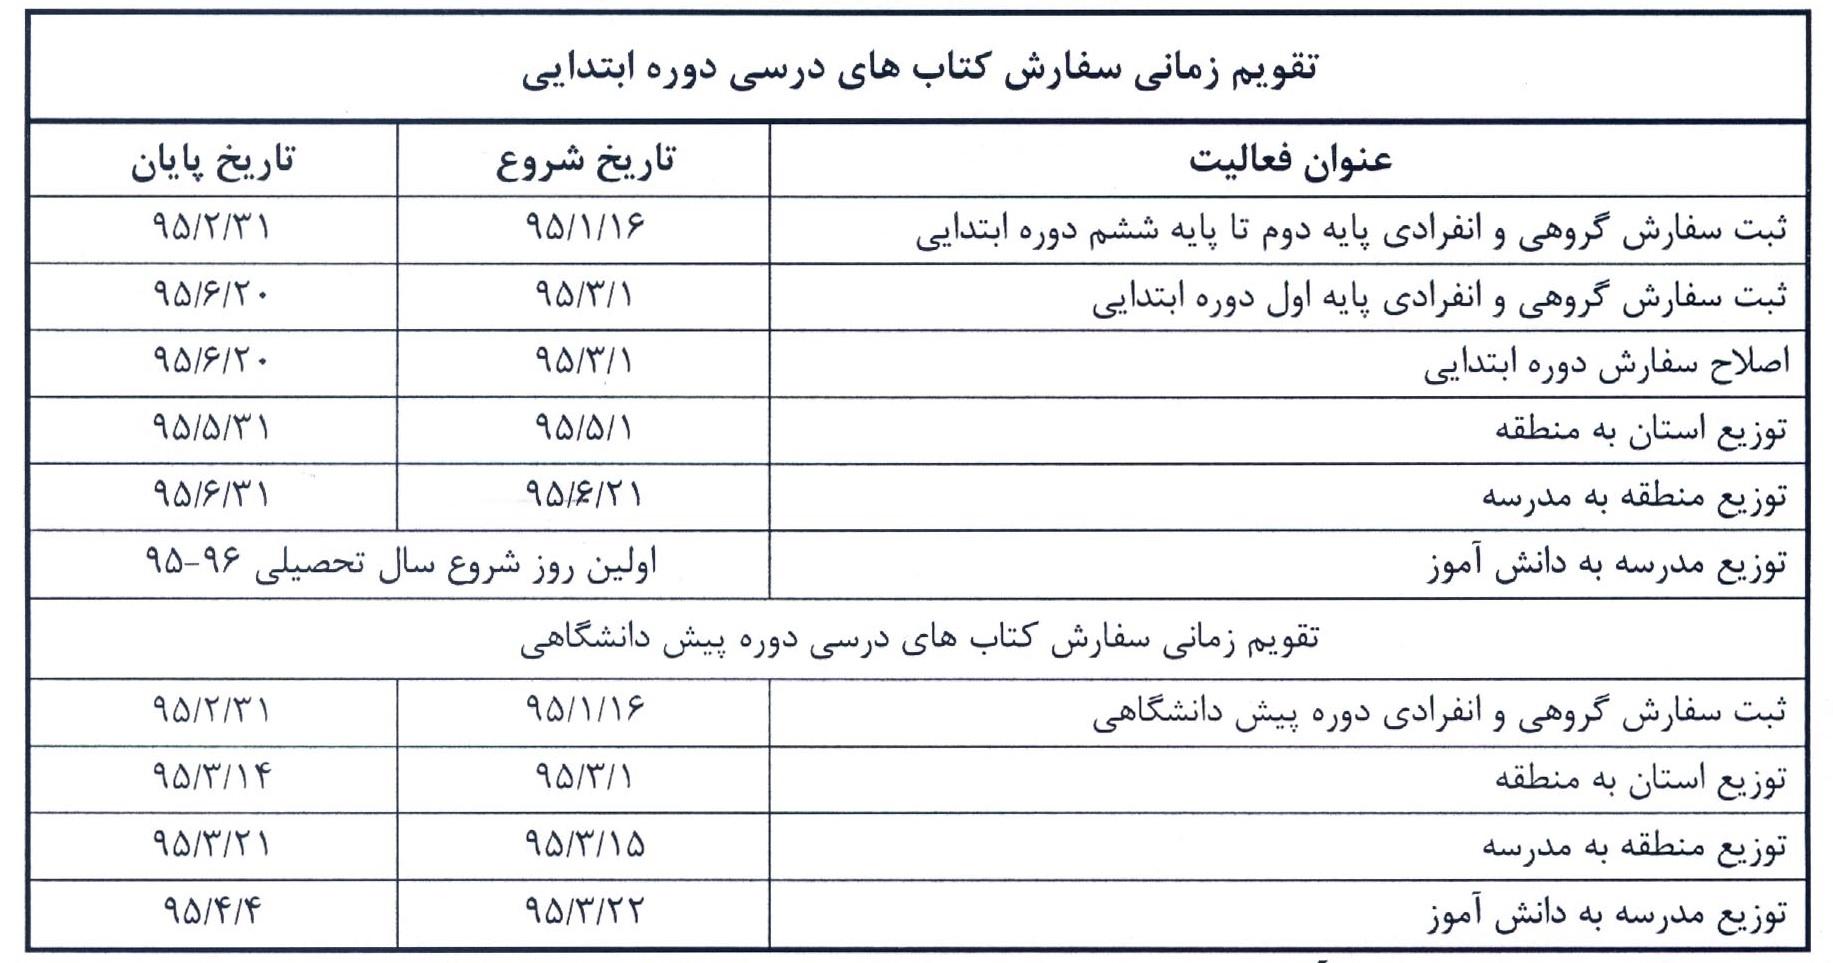 جدول زمانی سفارش و توزیع کتاب های درسی